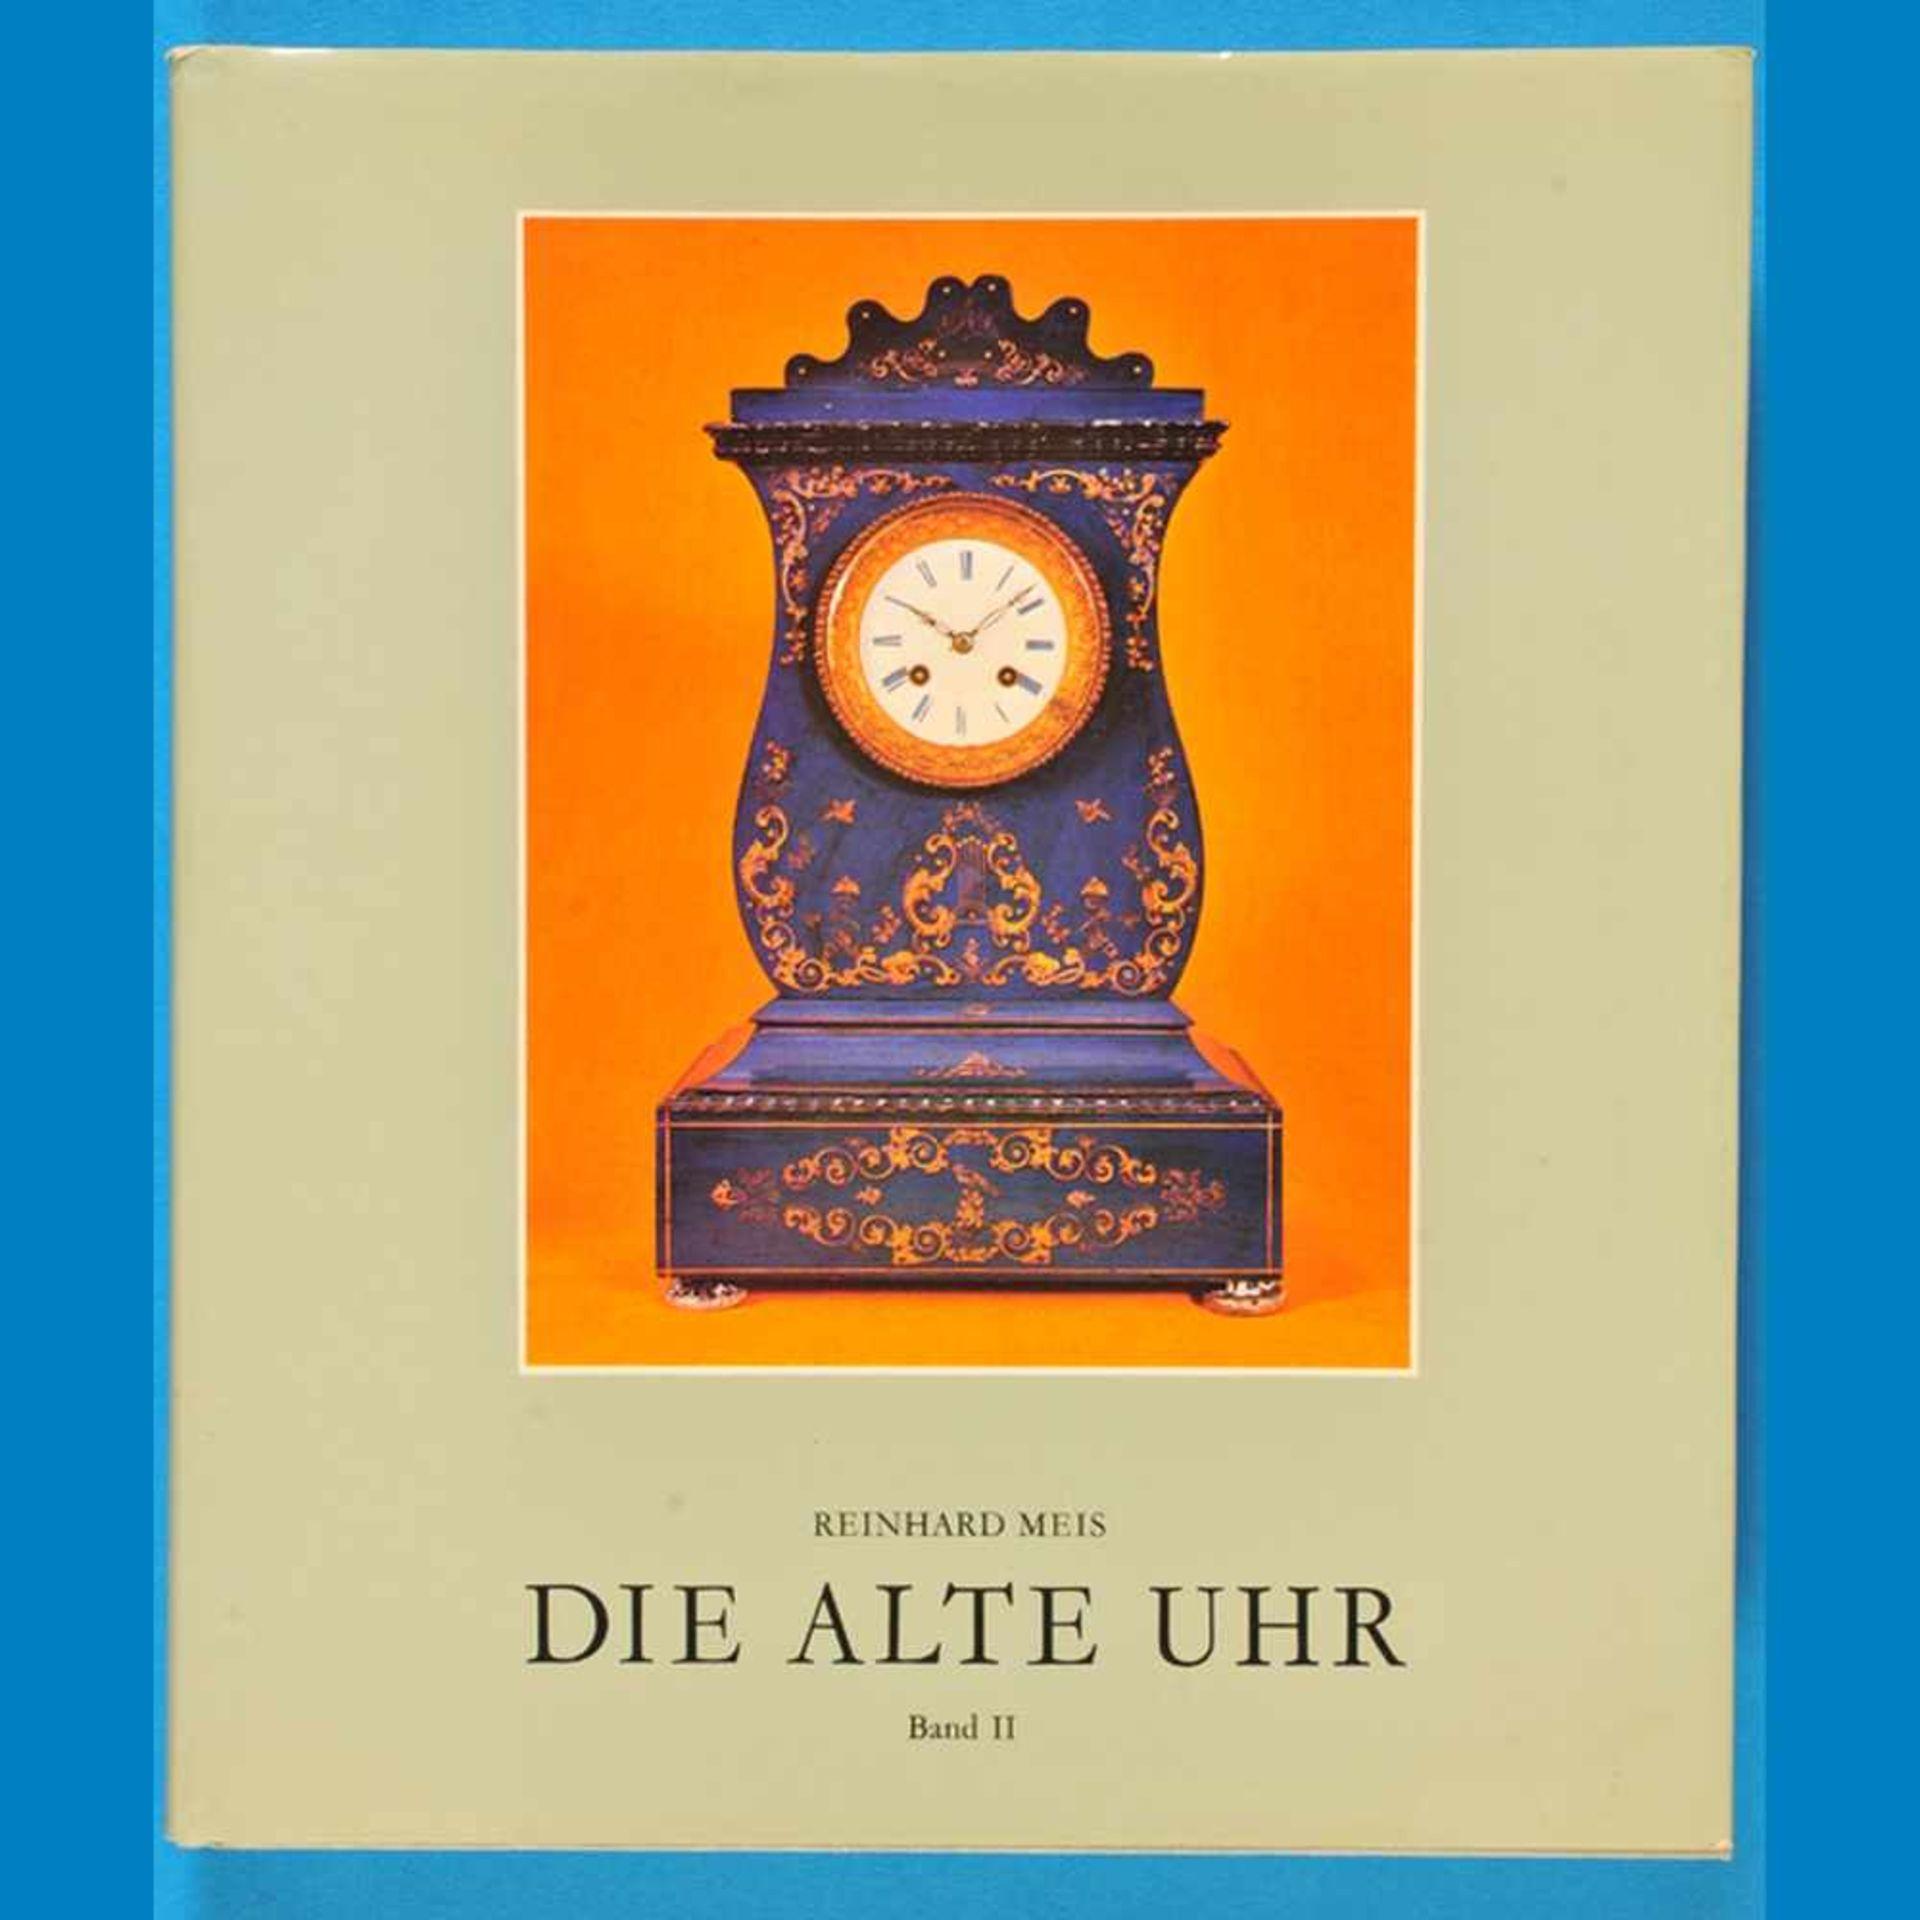 Reinhard Meis, Die alte Uhr - Geschichte-Technik- Stil, Band II, 1978Reinhard Meis, Die alt